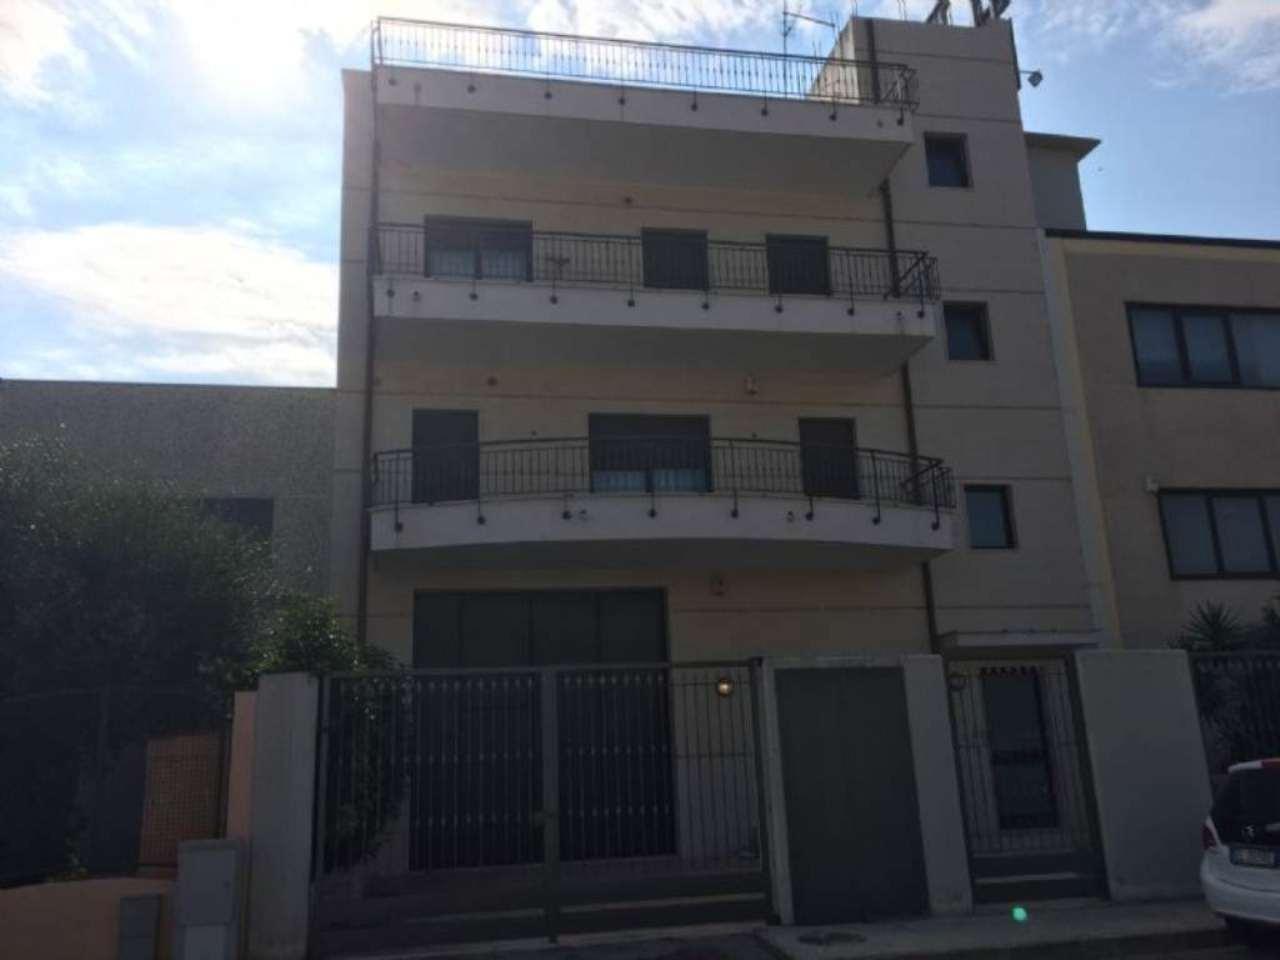 Palazzo / Stabile in vendita a Modugno, 9999 locali, prezzo € 280.000 | CambioCasa.it